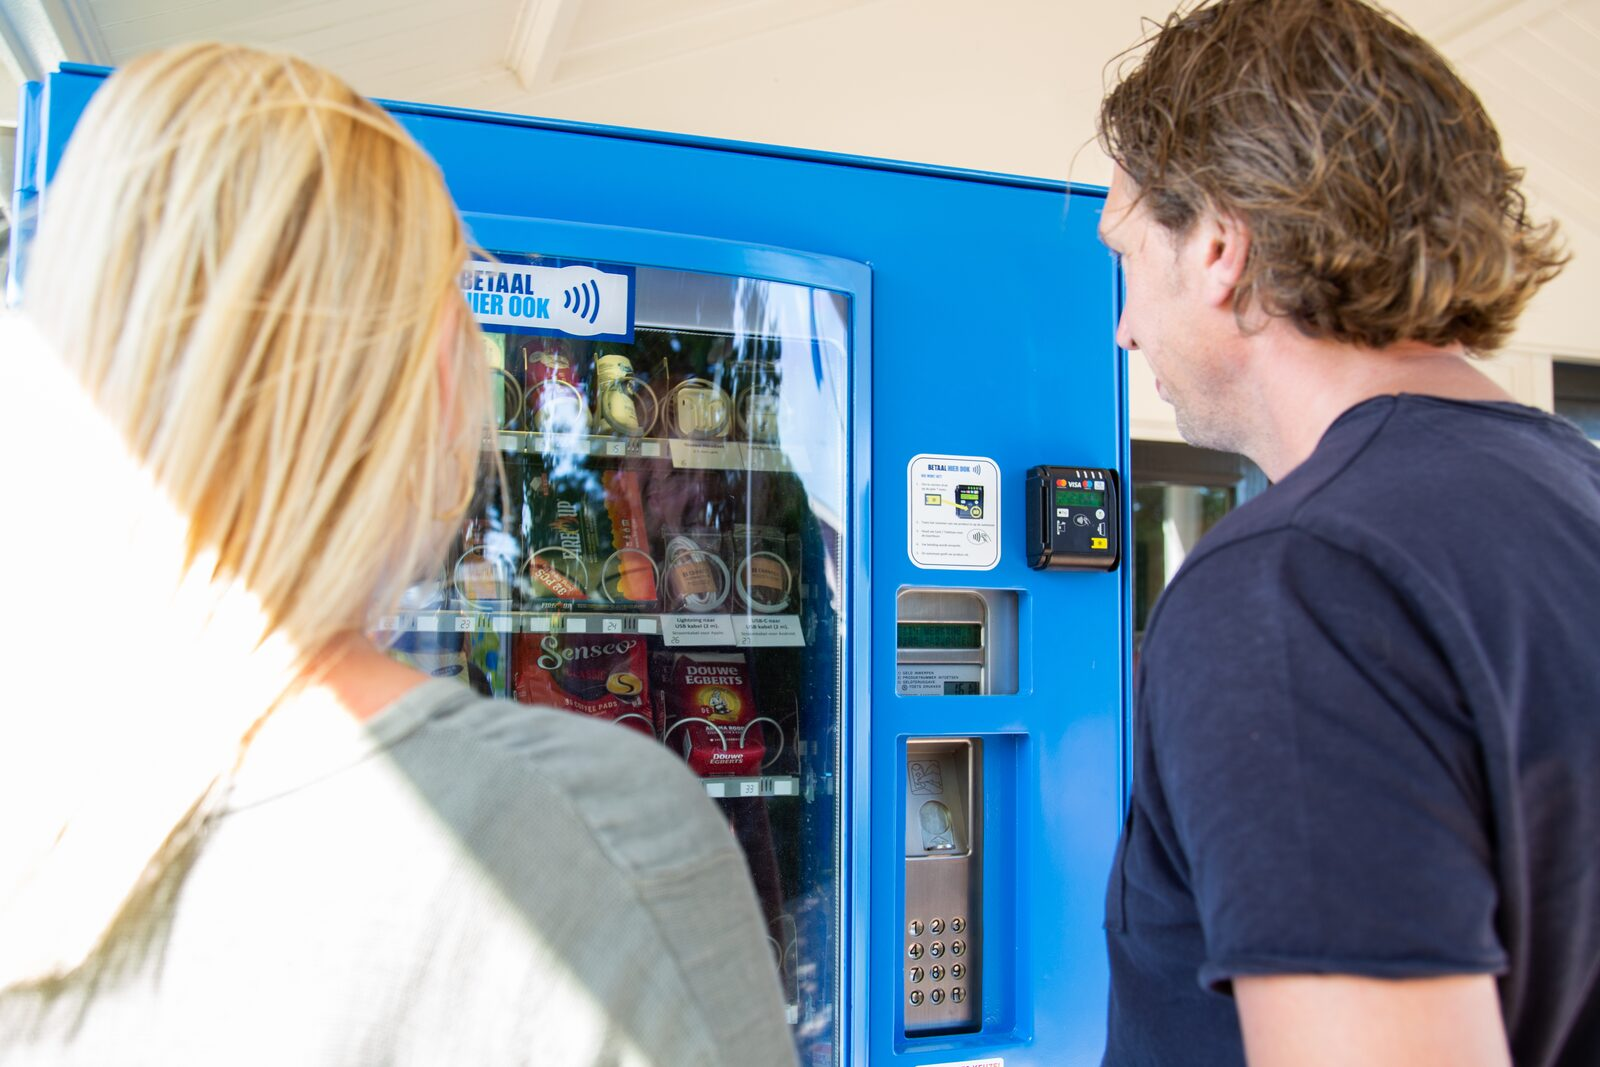 Les produits d'épicerie importants qu'on oublie facilement sont désormais disponibles dans une boutique à distributeur automatique ouverte 24h/24.